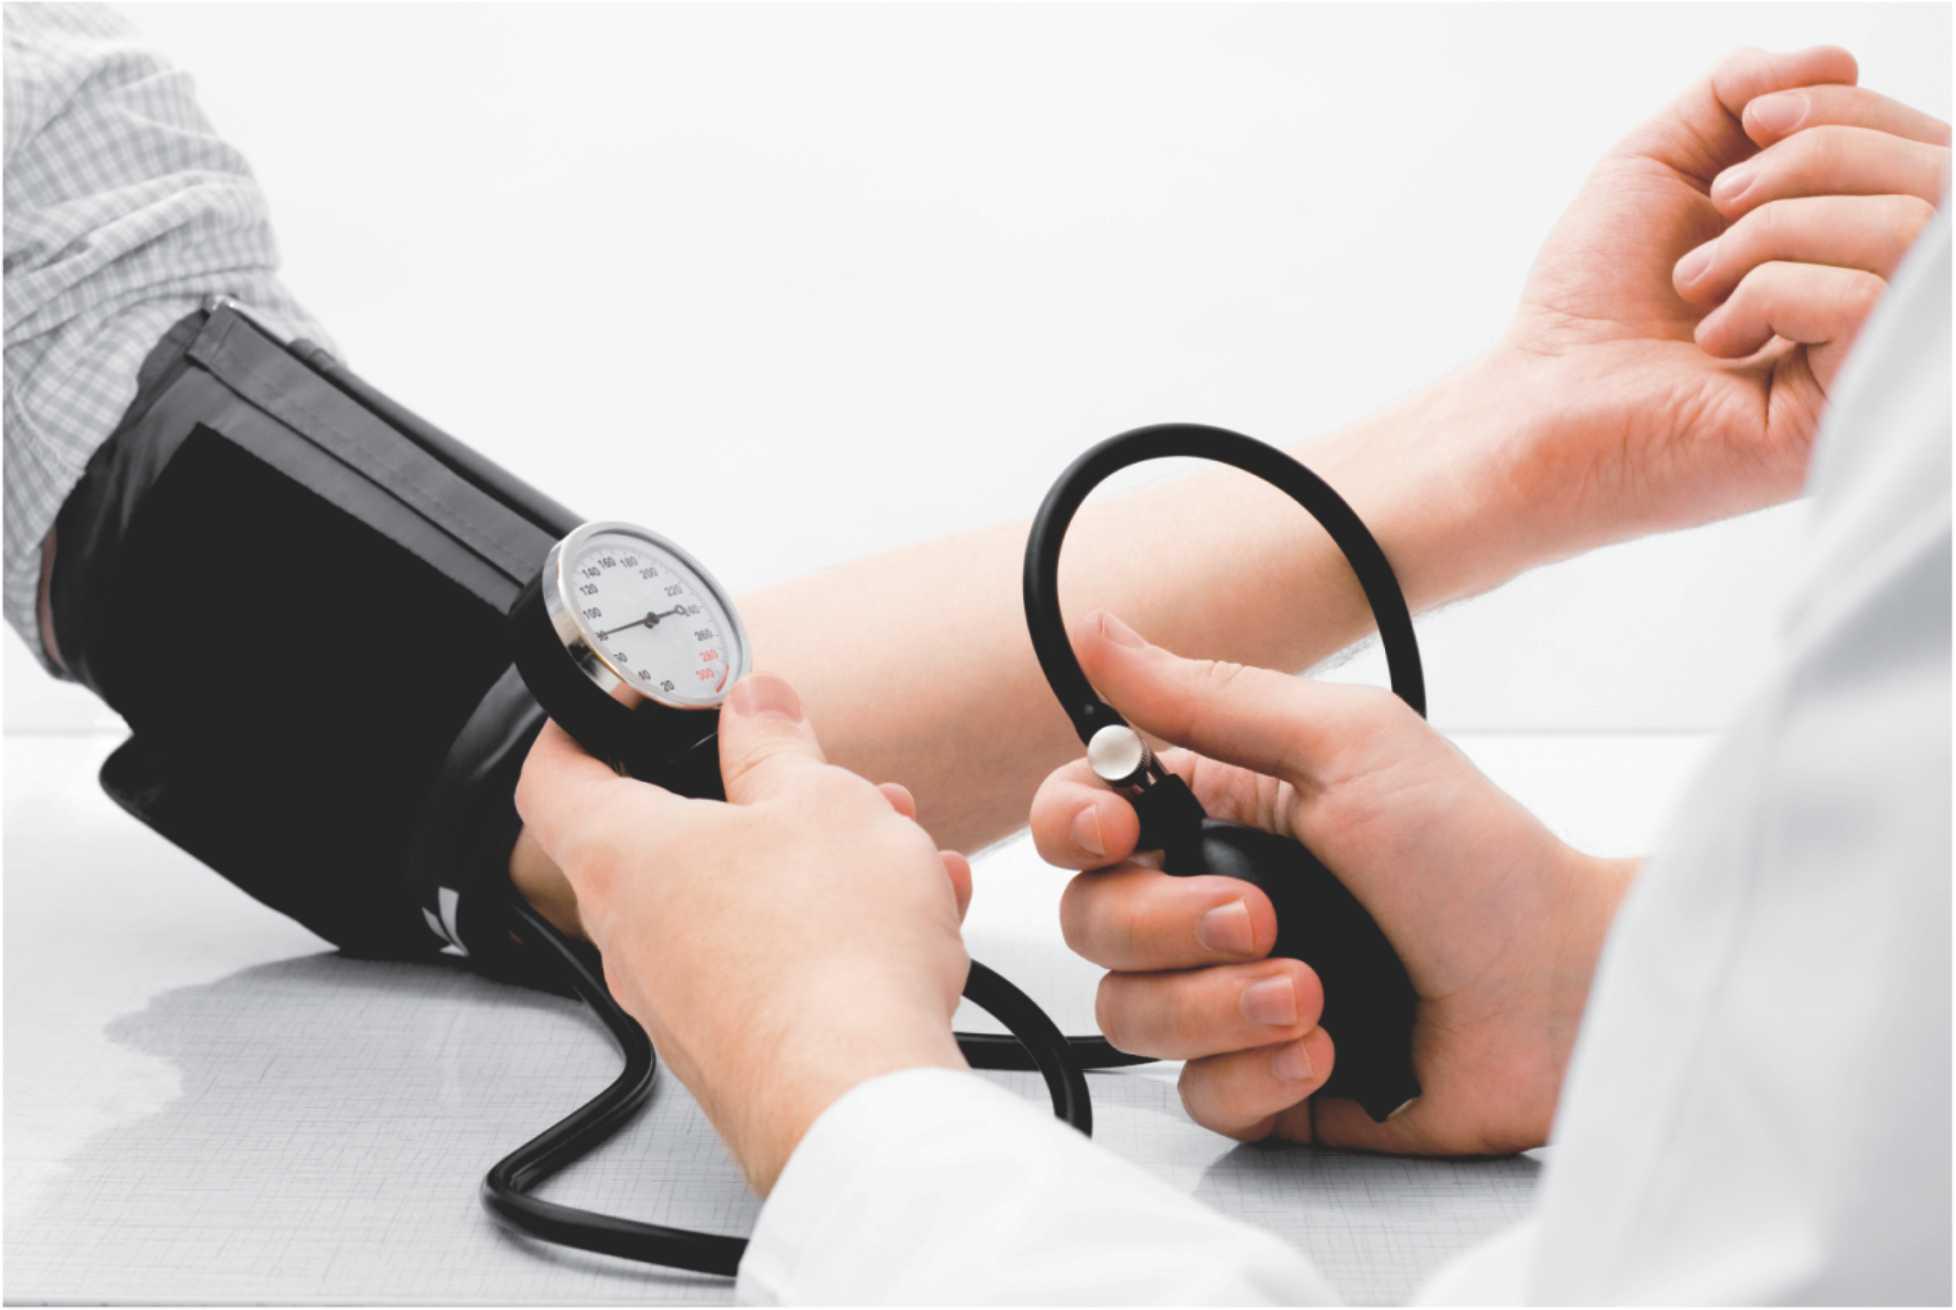 Receitas caseiras 5 dicas para controlar pressão alta